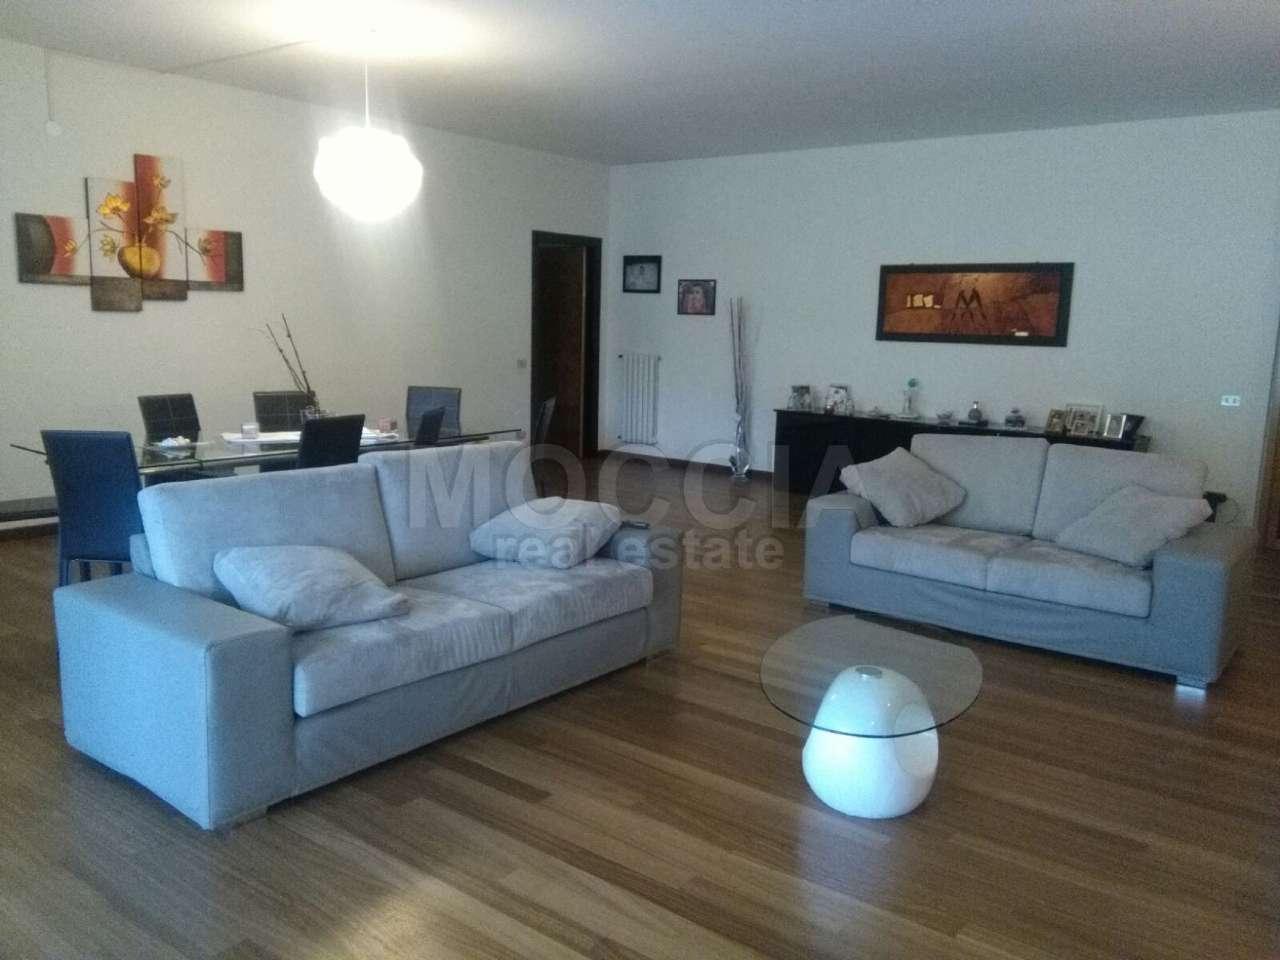 Appartamento in affitto a Caserta, 4 locali, prezzo € 1.200 | Cambio Casa.it